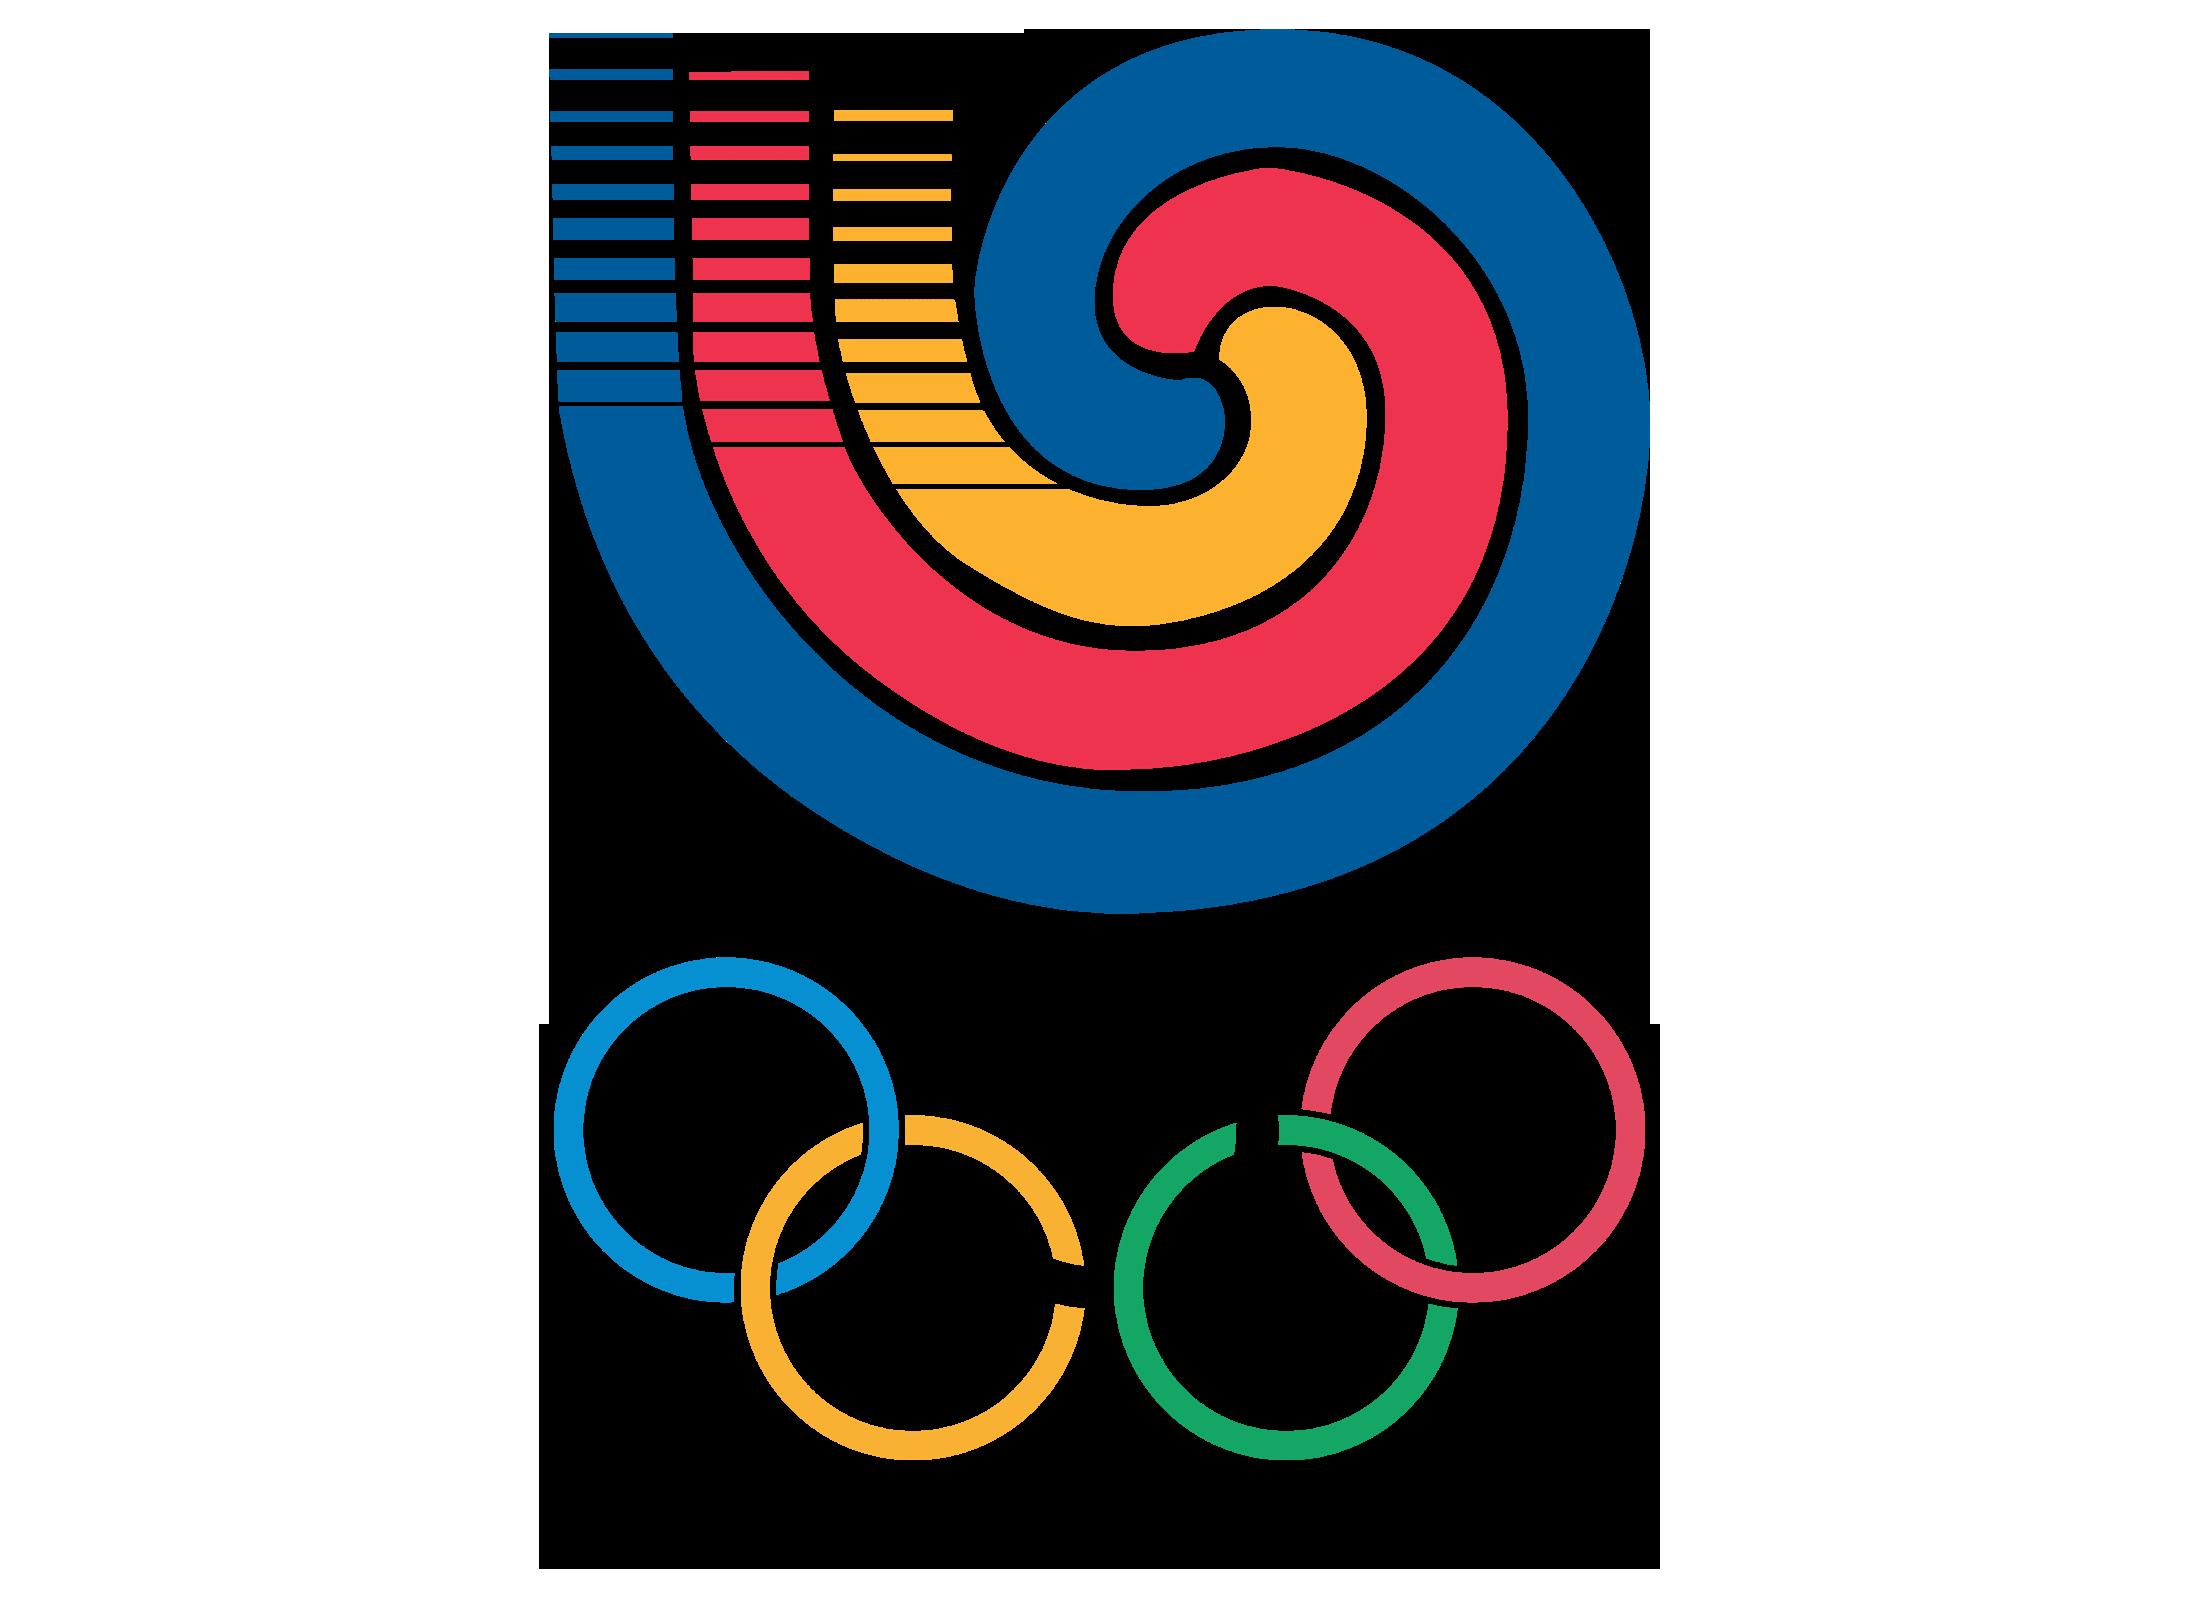 Seoul – Summer Olympics 1988